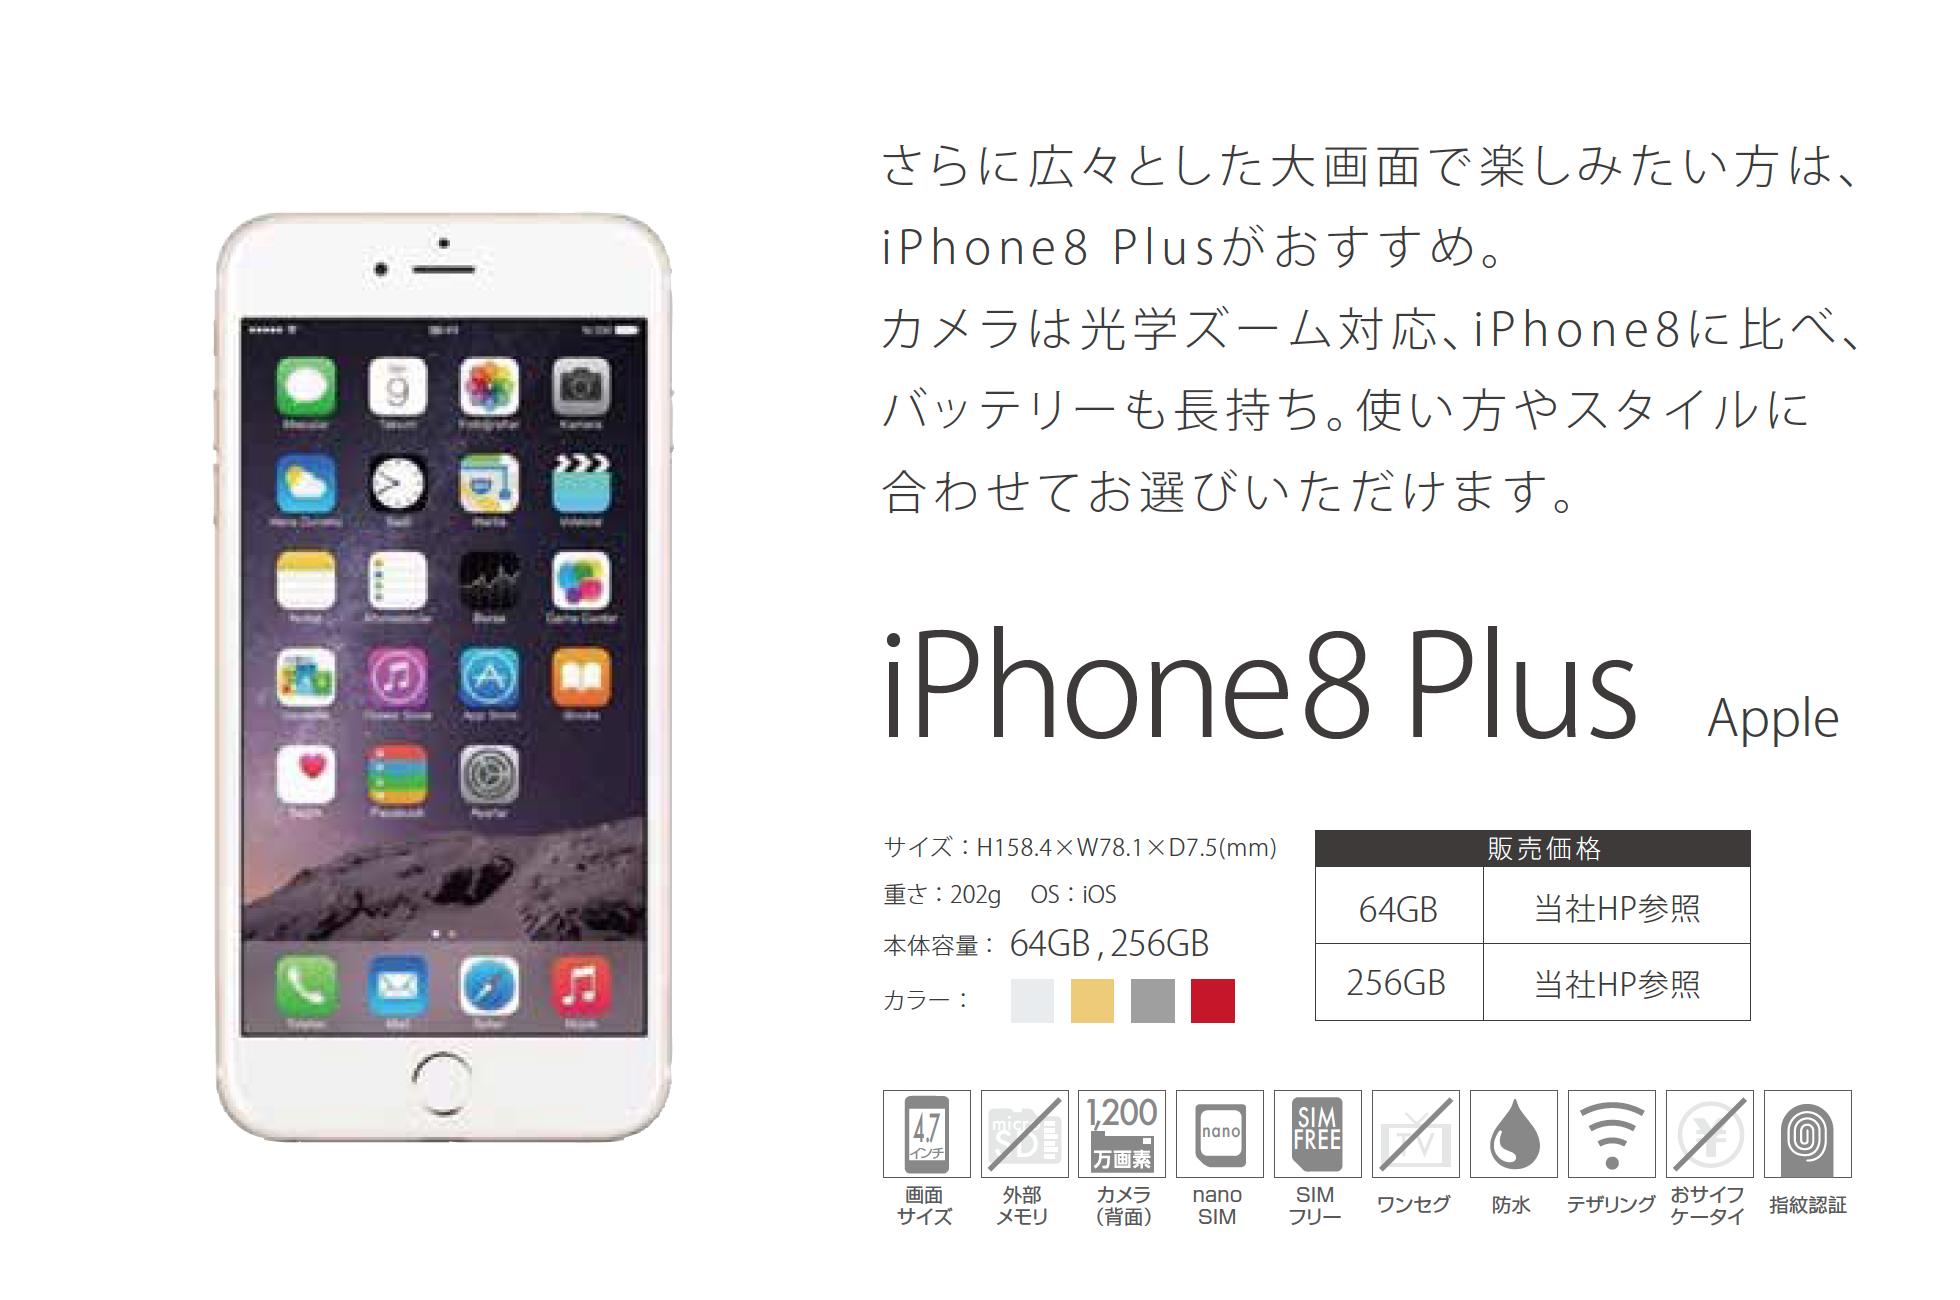 「iPhone8 Plus」さらに広々とした大画面で楽しみたい方は、 i P h o n e 8 P l u s がおすすめ。 カメラは光学ズーム対応、i P h o n e 8 に比べ、 バッテリーも長持ち。使い方やスタイルに 合わせてお選びいただけます。